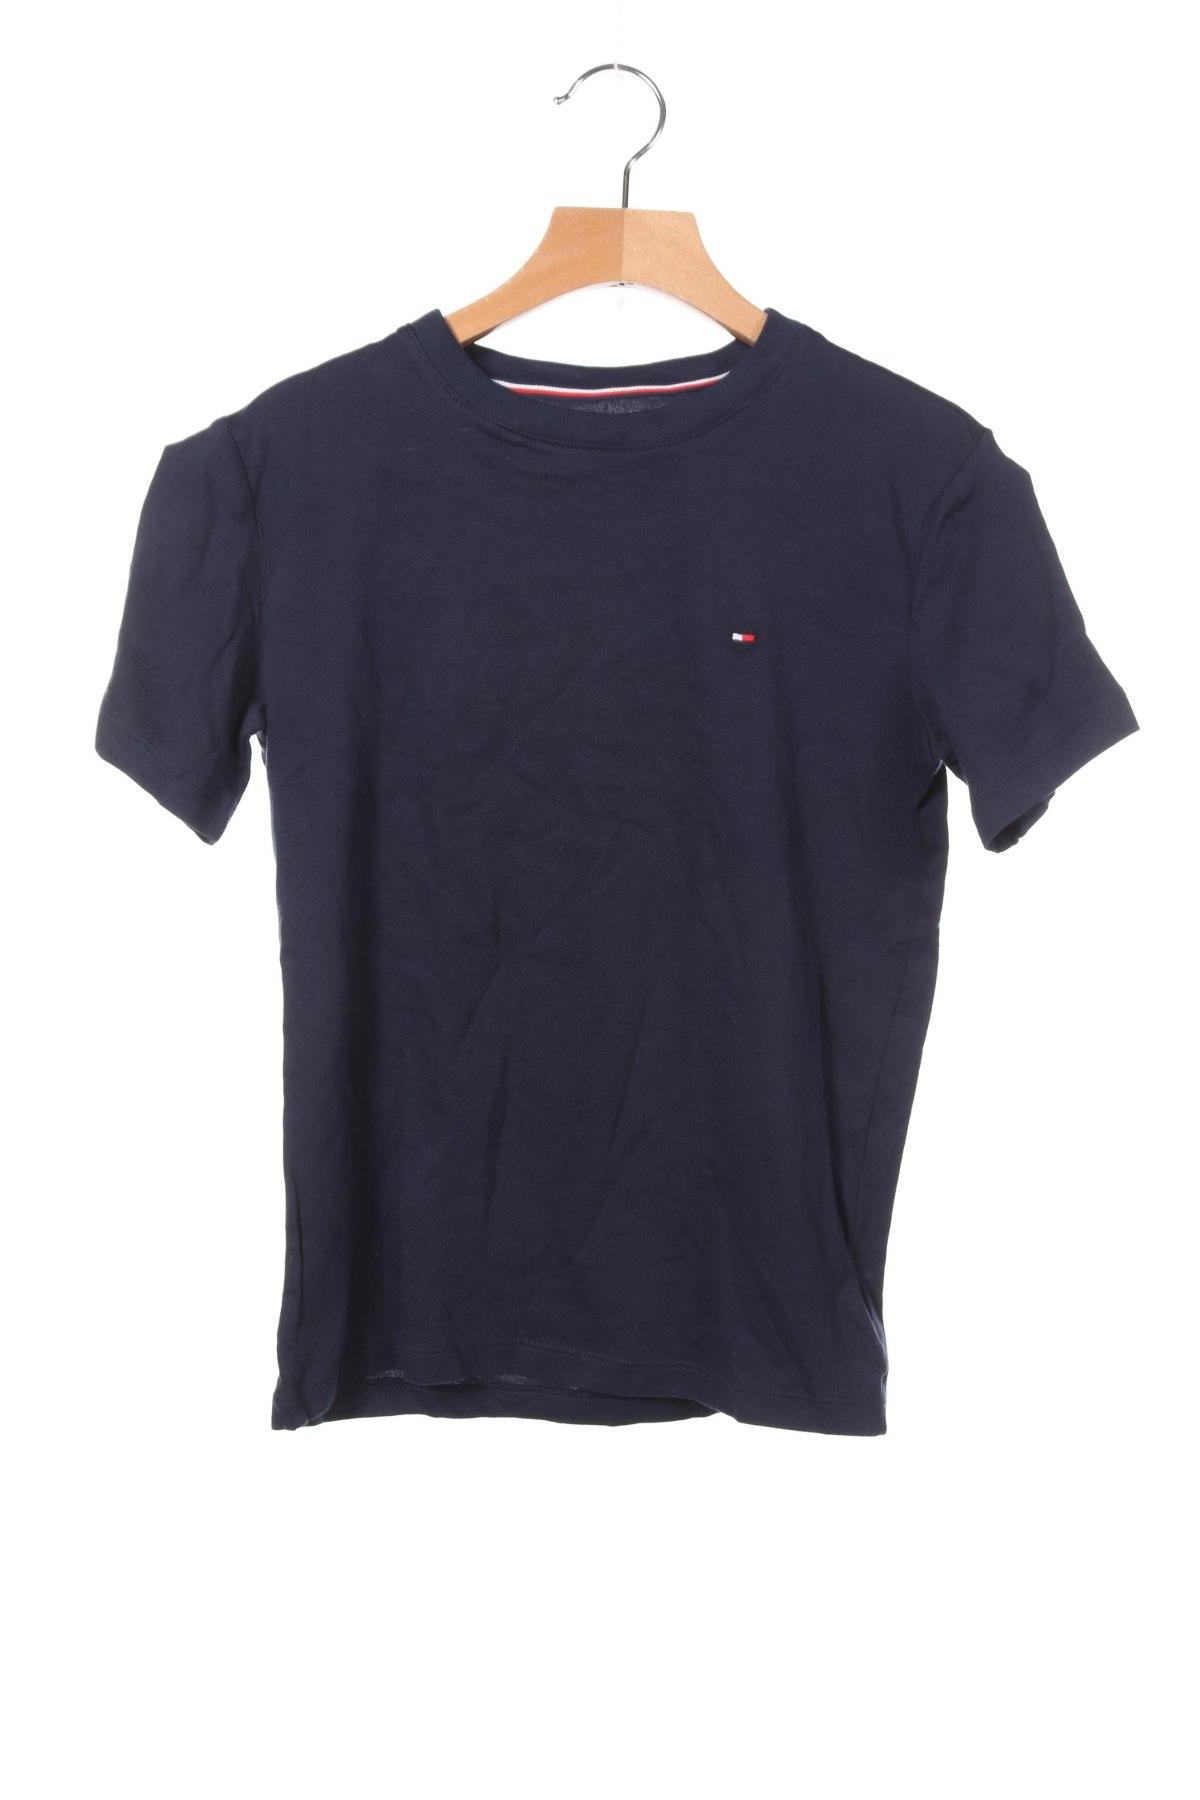 Παιδικό μπλουζάκι Tommy Hilfiger, Μέγεθος 8-9y/ 134-140 εκ., Χρώμα Μπλέ, Βαμβάκι, Τιμή 14,84€